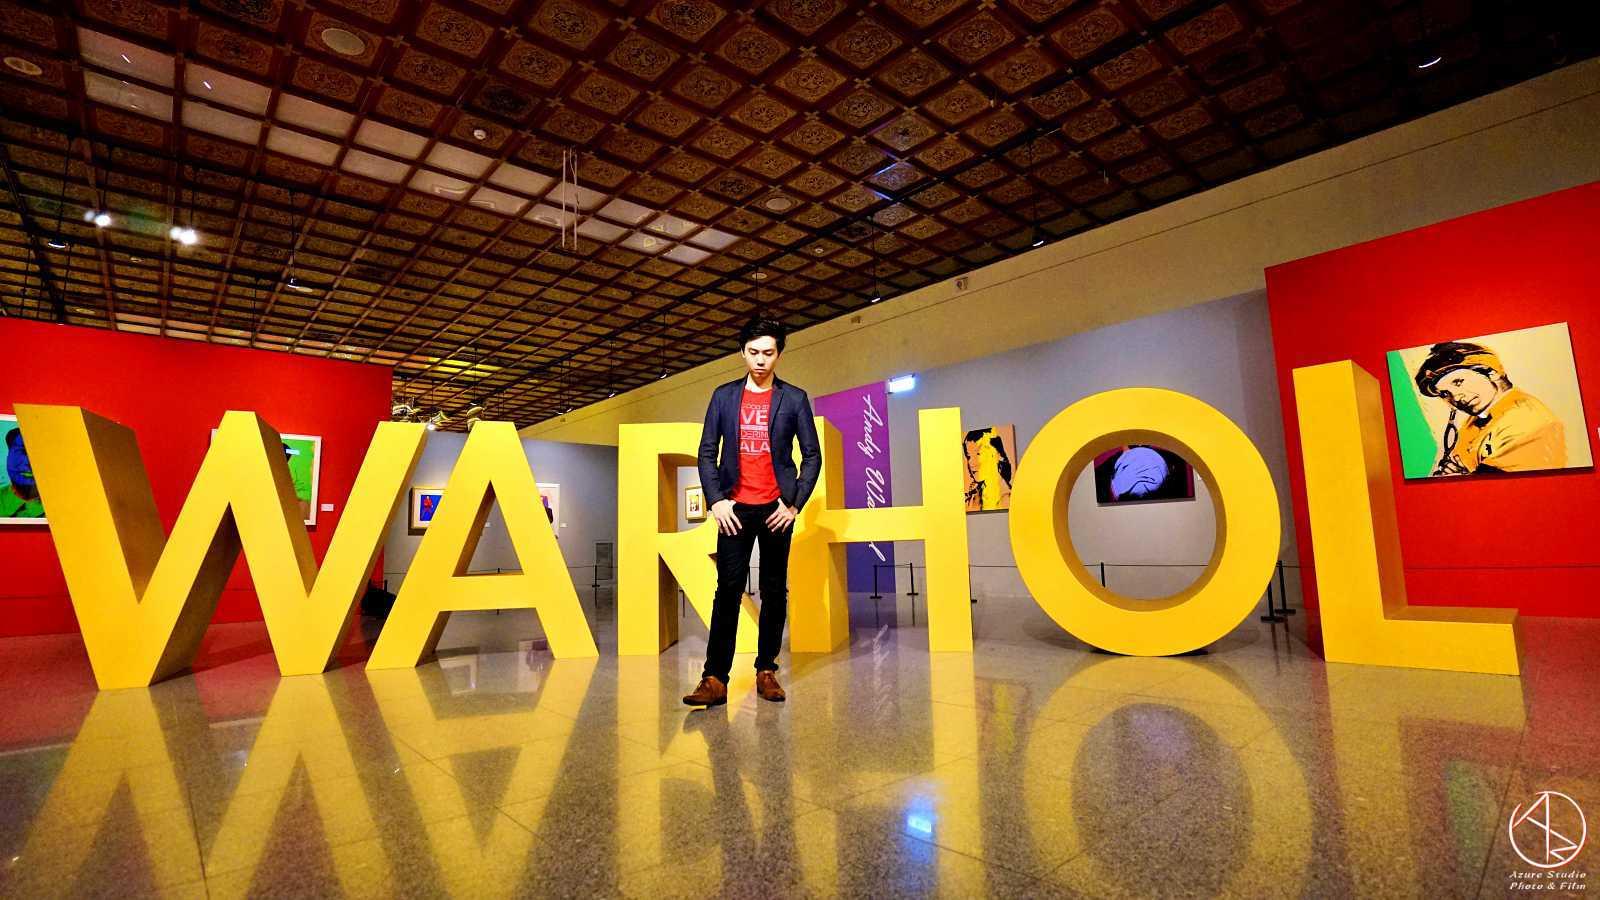 安迪沃荷普普狂想特展,看展心得,必看重點,網美拍照區